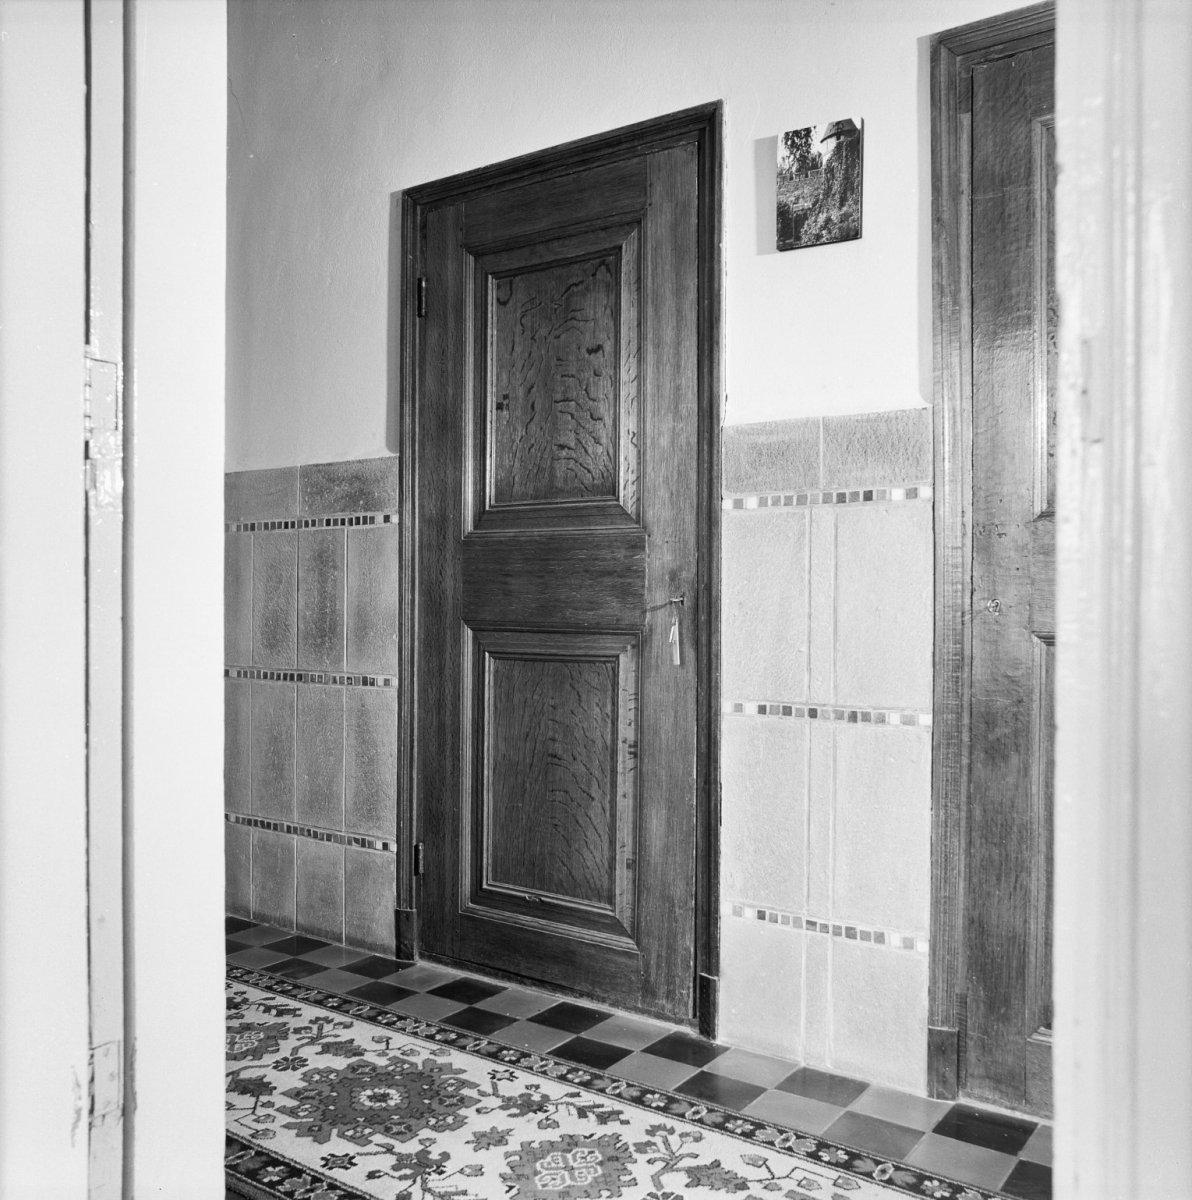 Bestand:Interieur, deur in gang naar woonkamer - Puttershoek ...